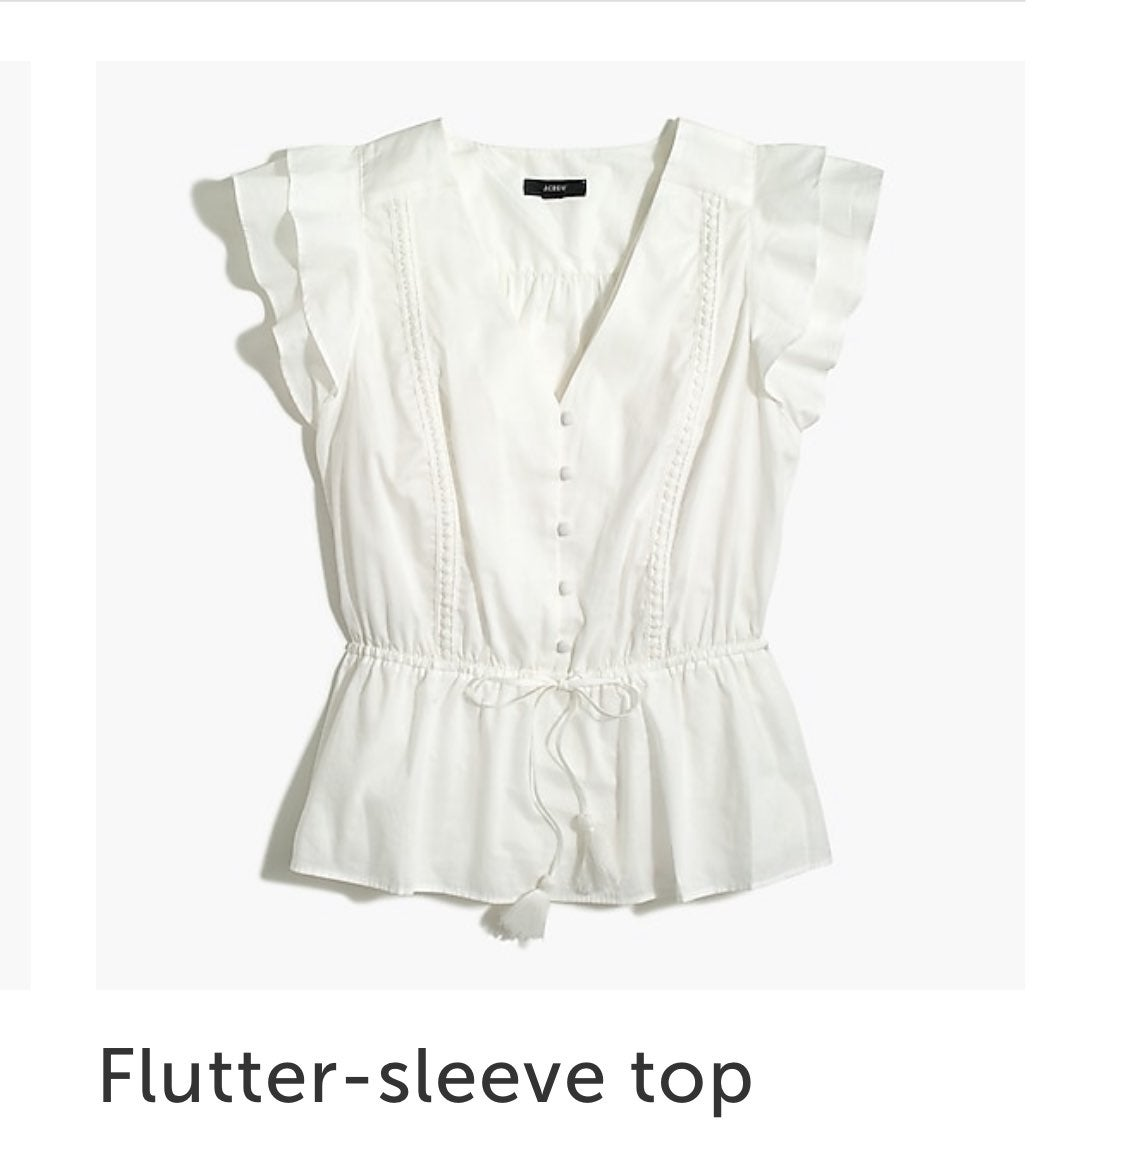 J crew flutter sleeve shirt NWT